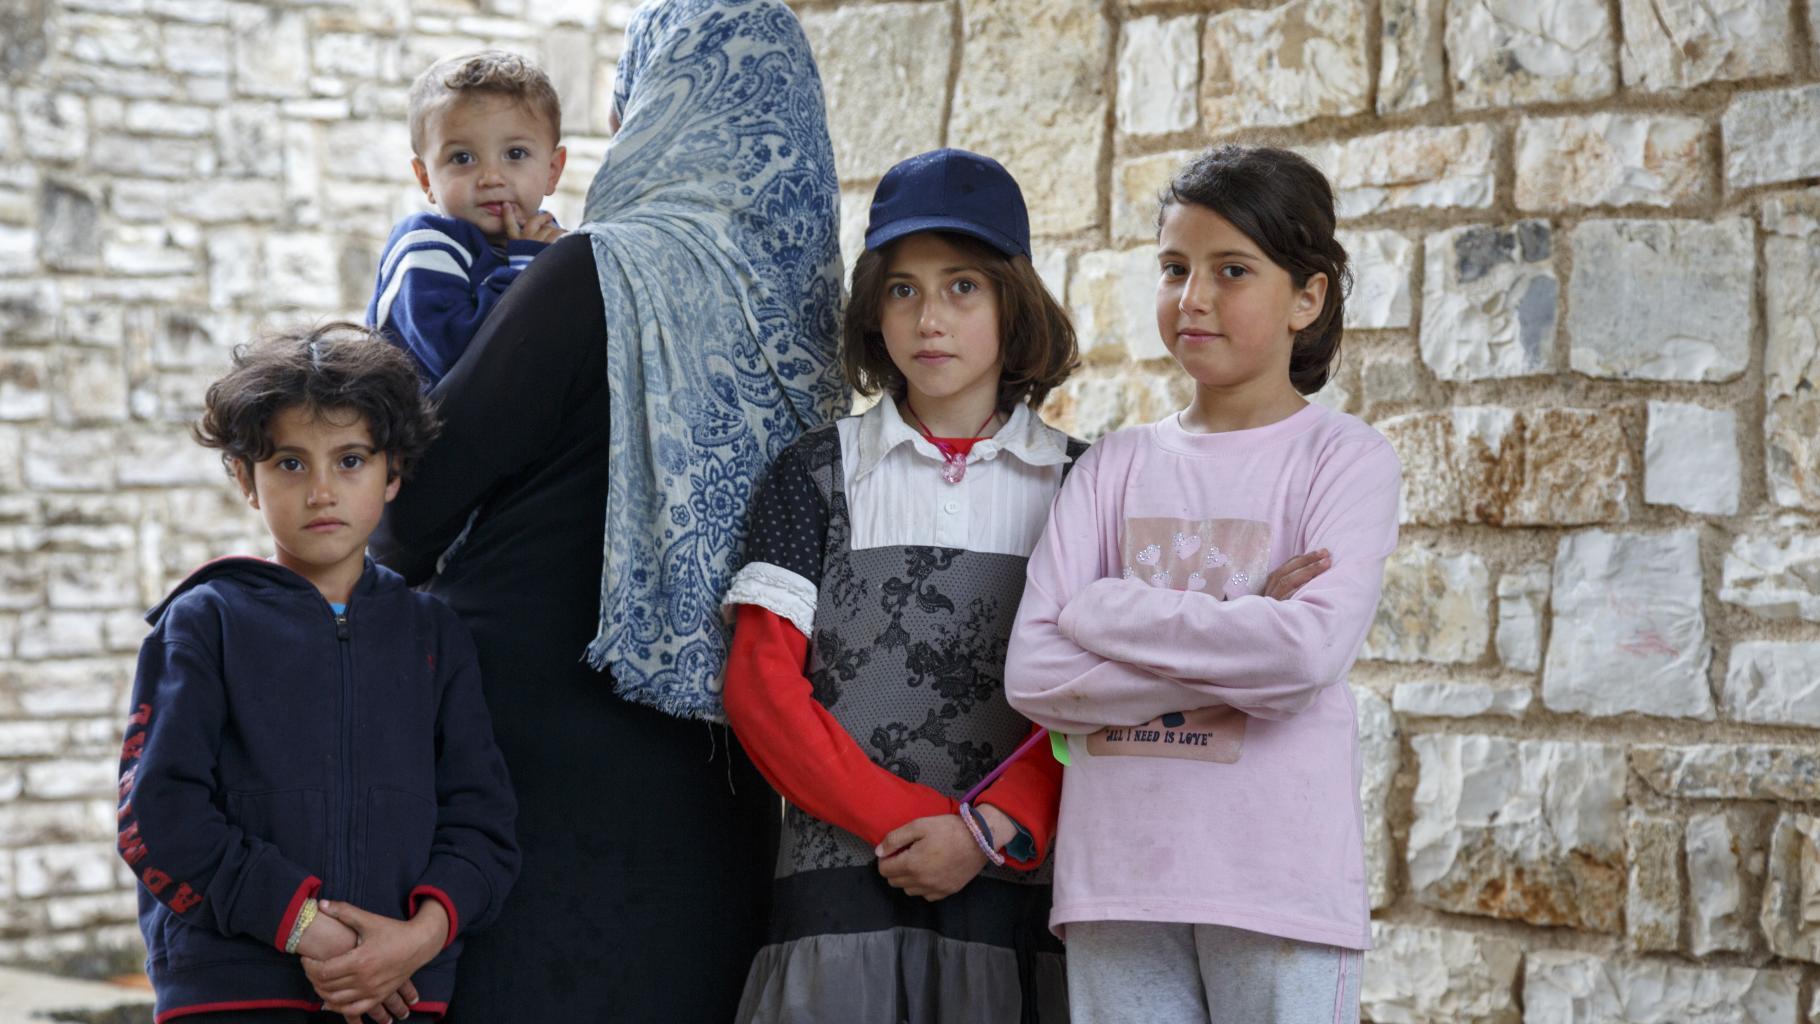 Eine Frau wendet der Kamera ihren Rücken zu; sie hält ein Kind auf dem Arm, das in die Kamera blickt. Neben ihr stehen drei Kinder in selbstbewusster Haltung, die mit entschlossenem Gesichtsausdruck in die Kamera blicken.